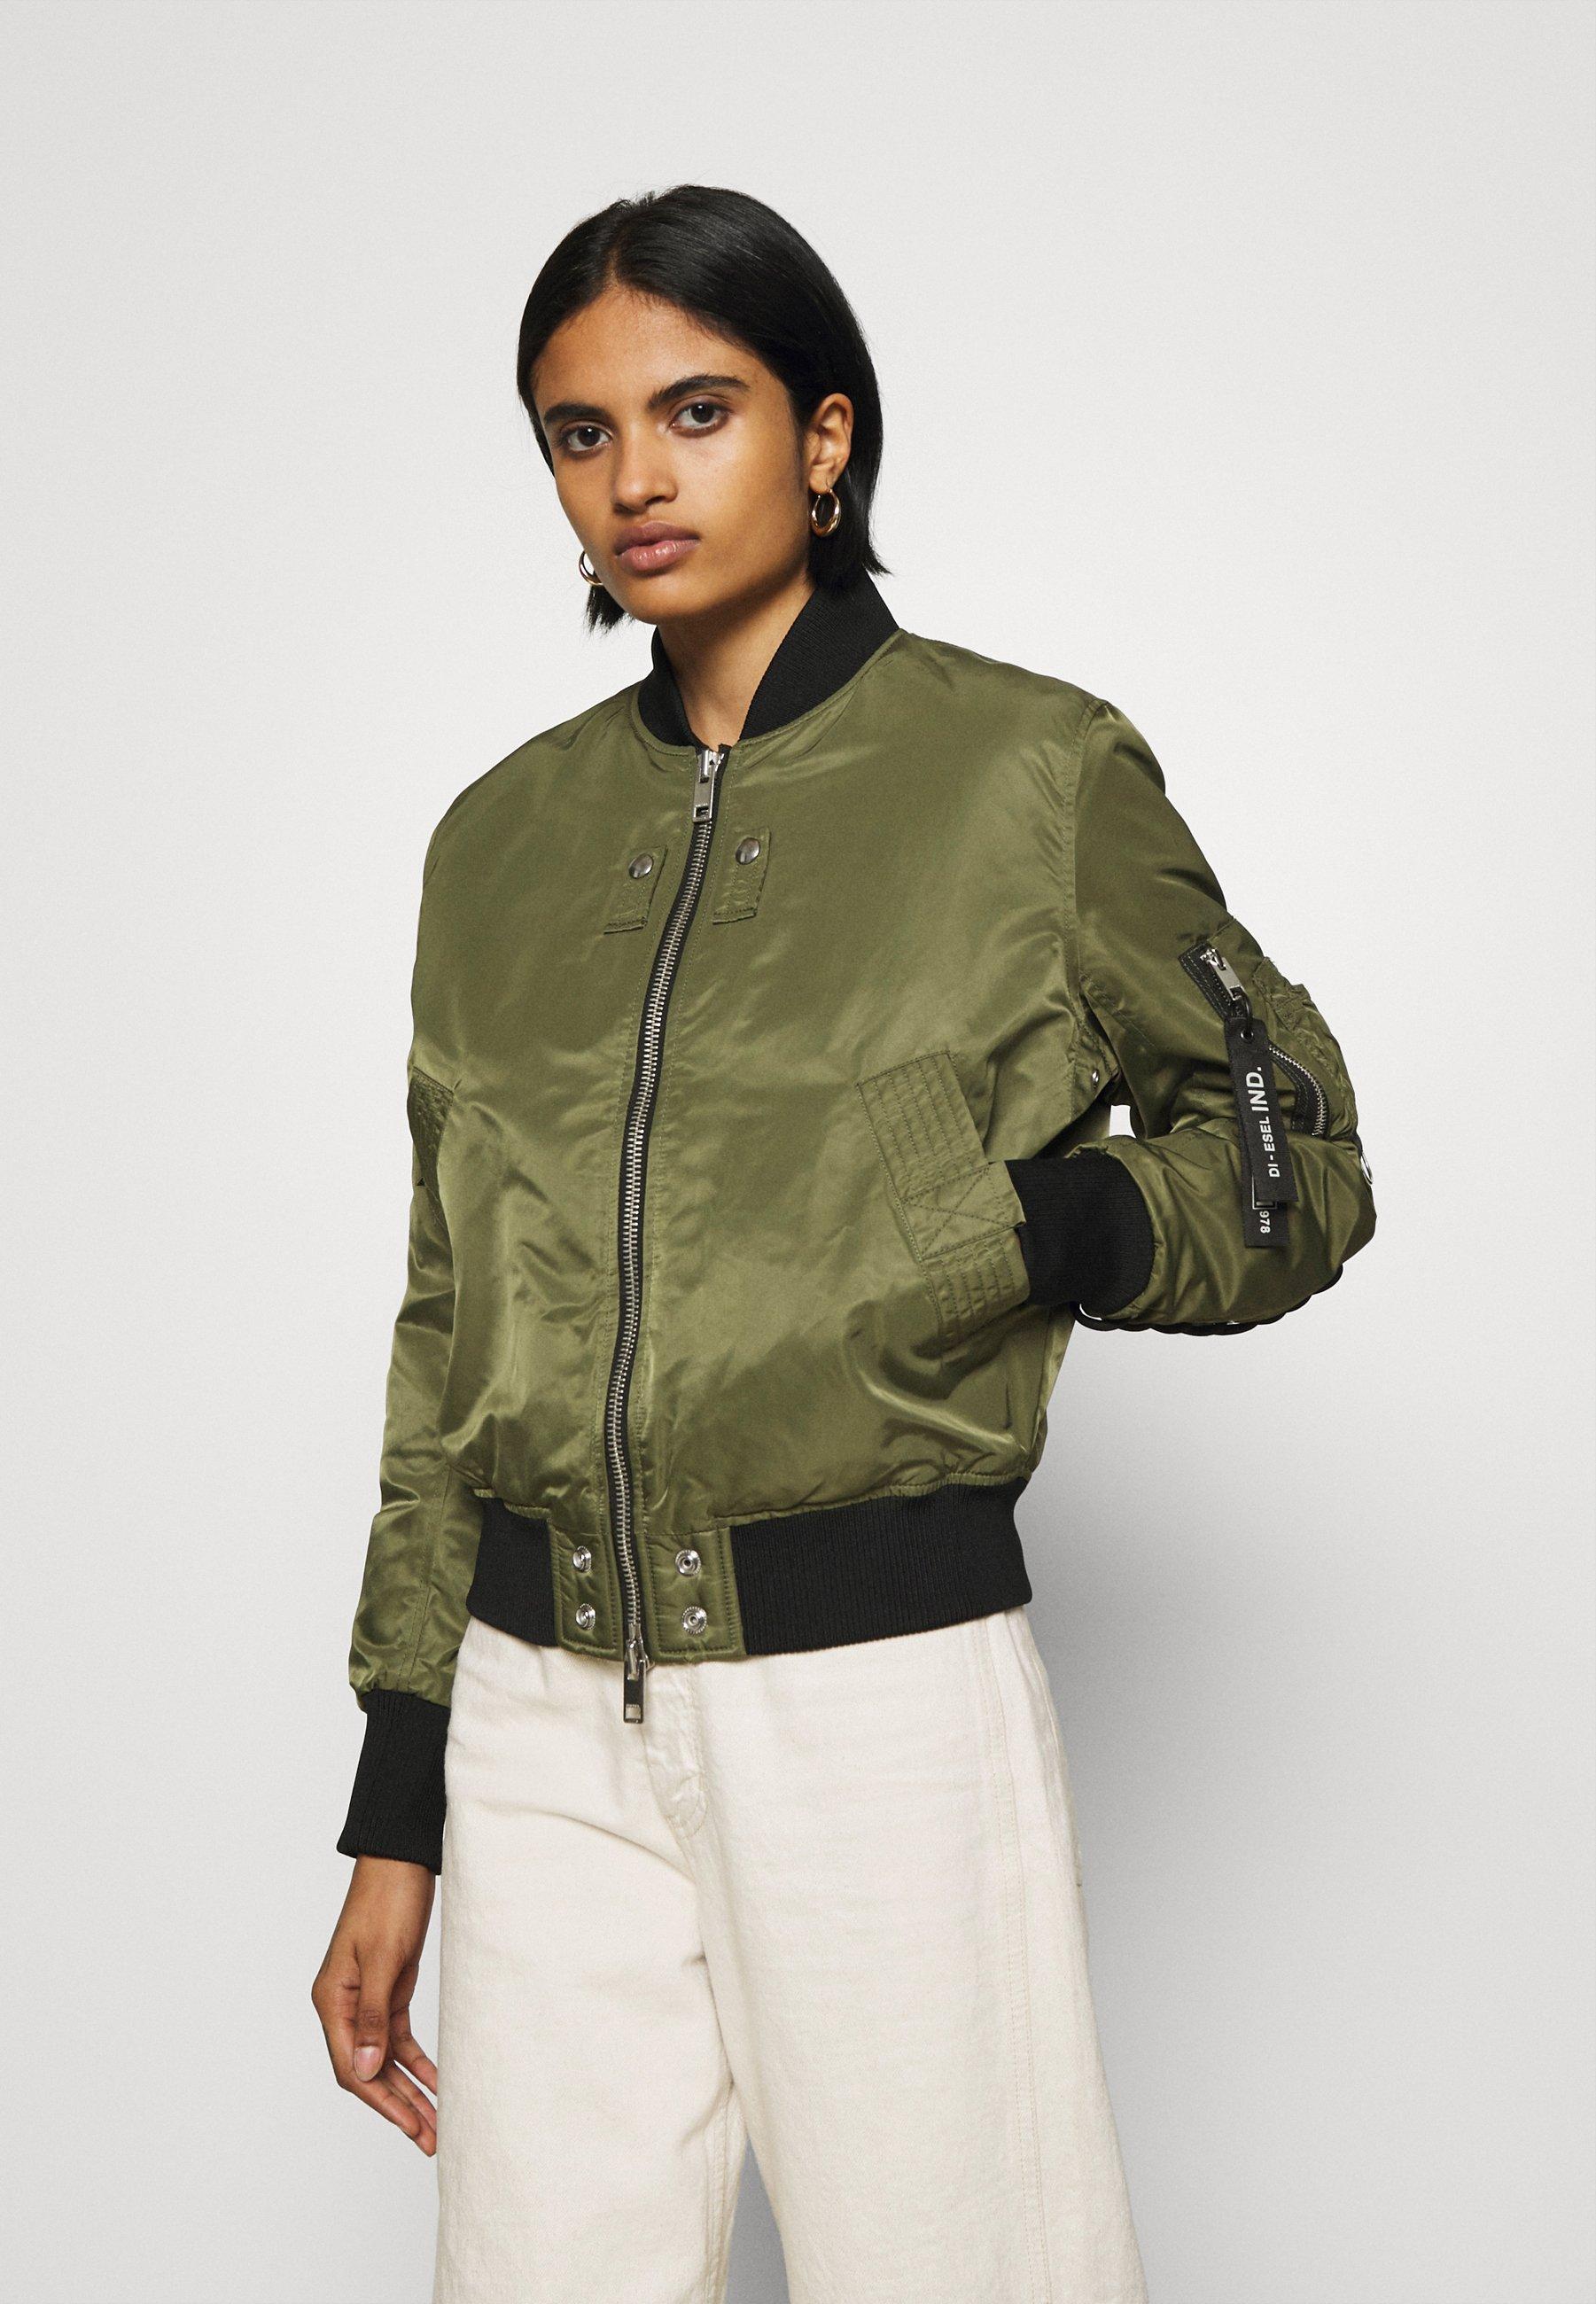 OFF WHITE jacket with kvinna bomberjackor, jämför priser och